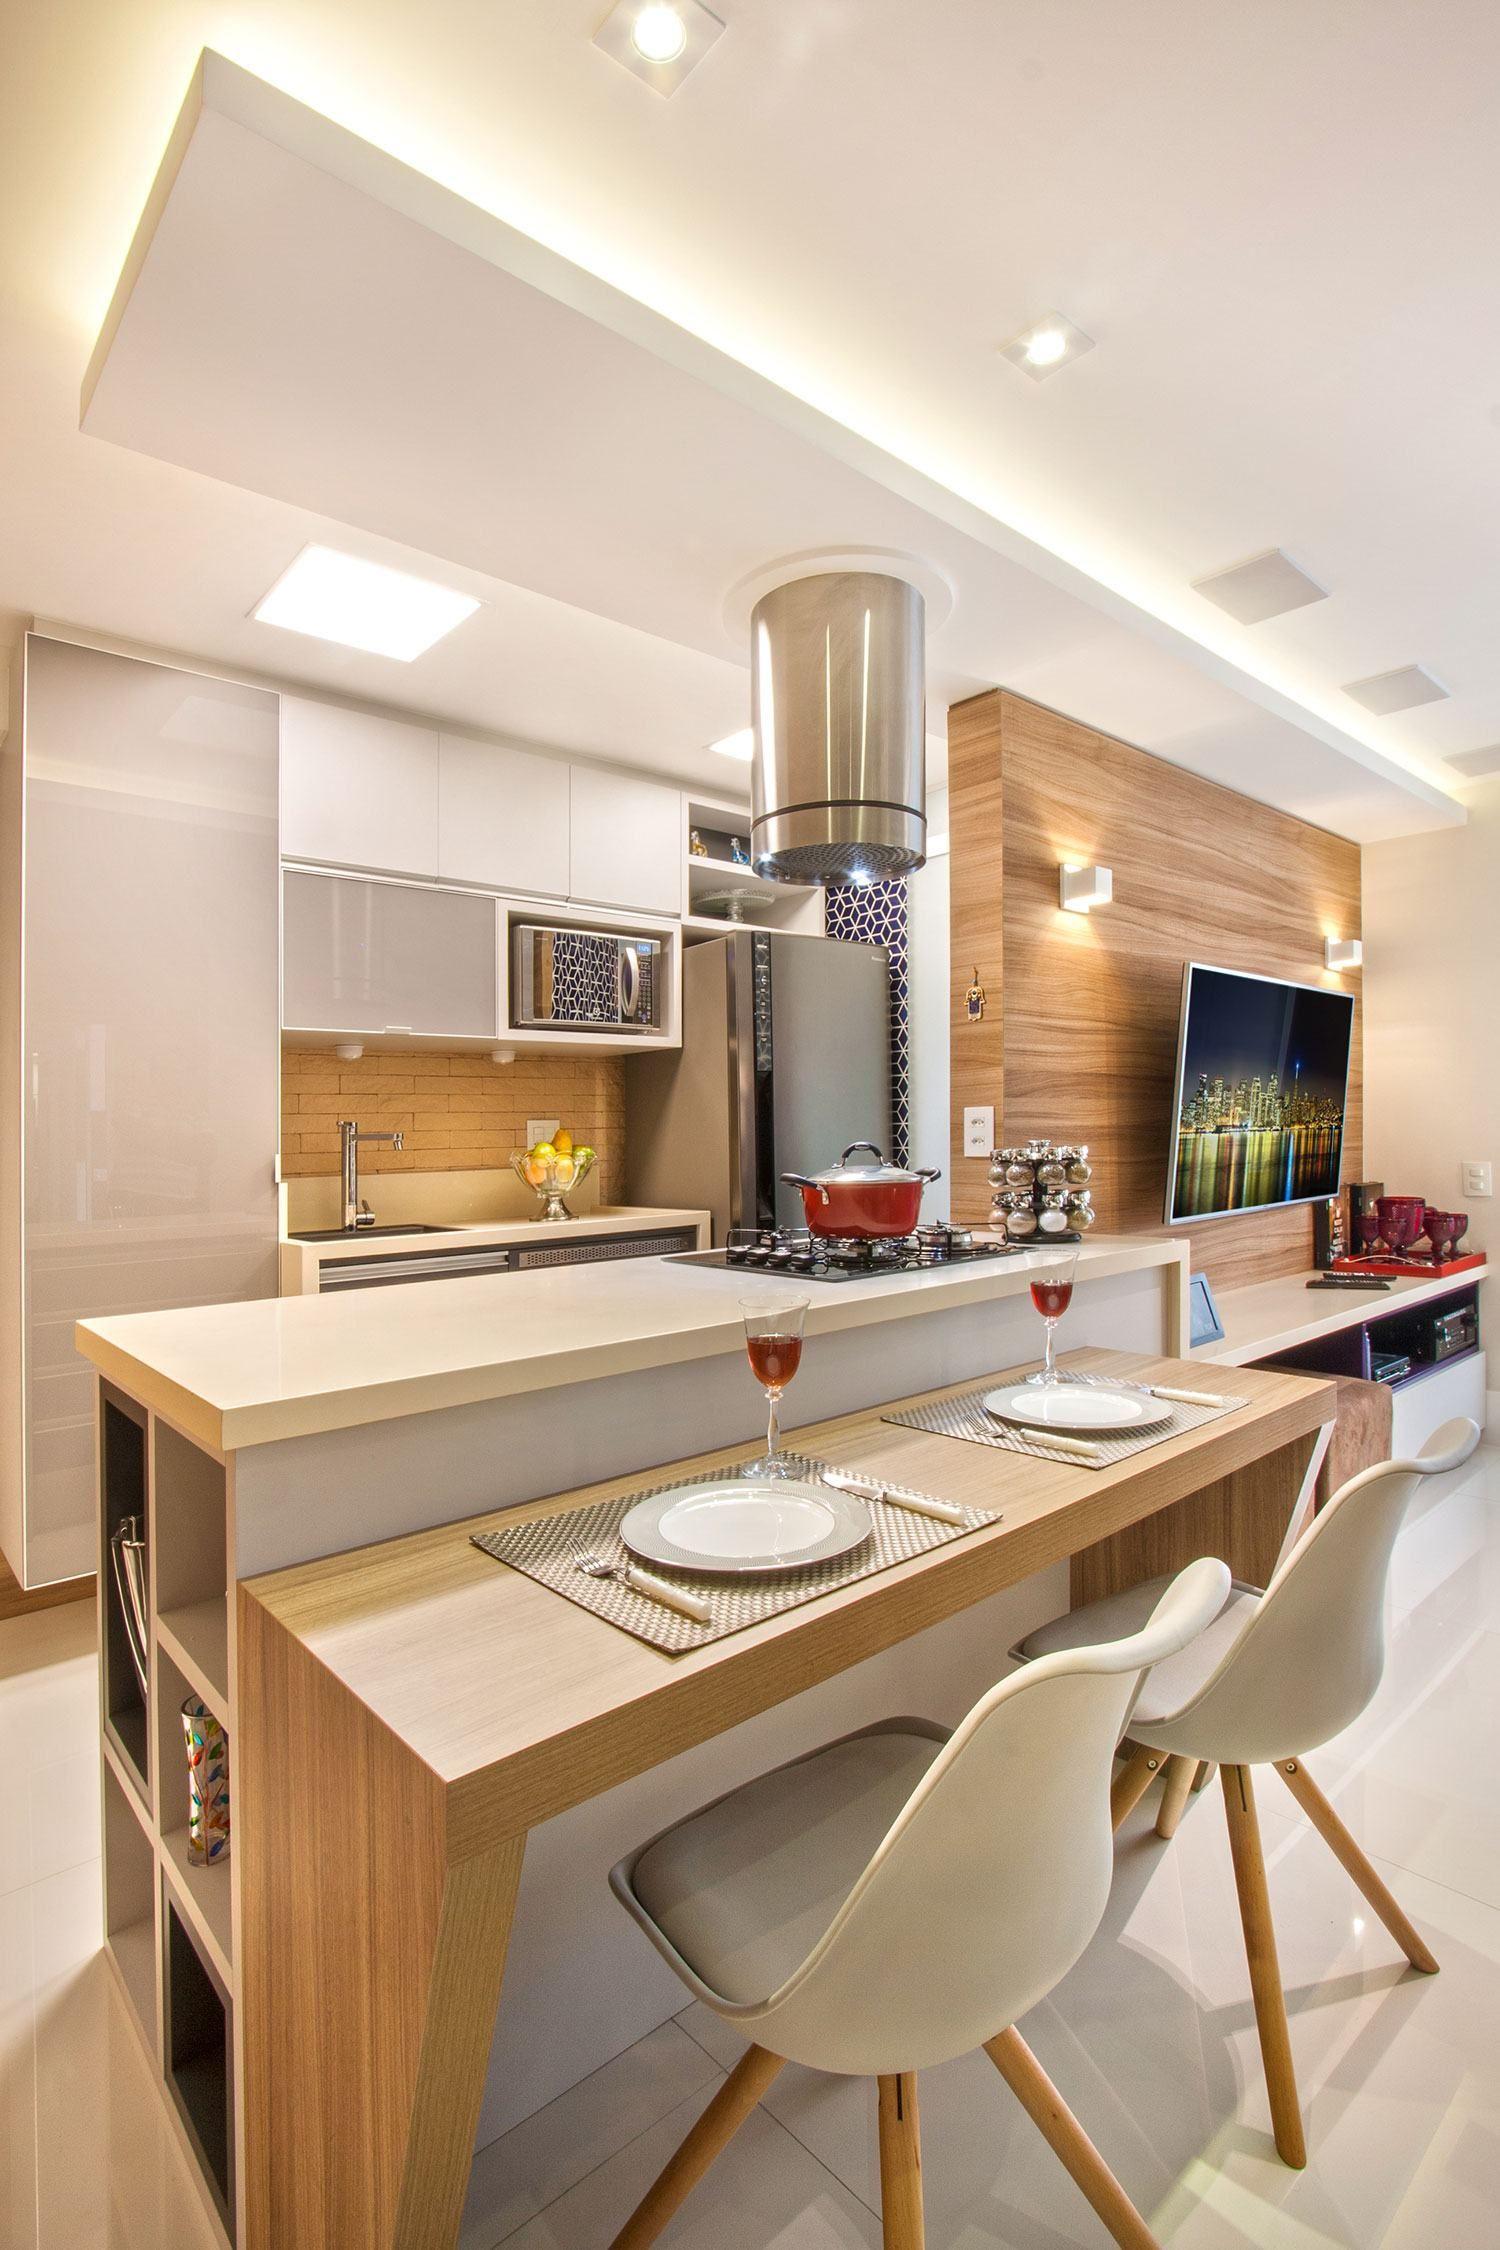 Veja Belas Refer Ncias De Projetos De Cozinhas Clean Como Inspira O